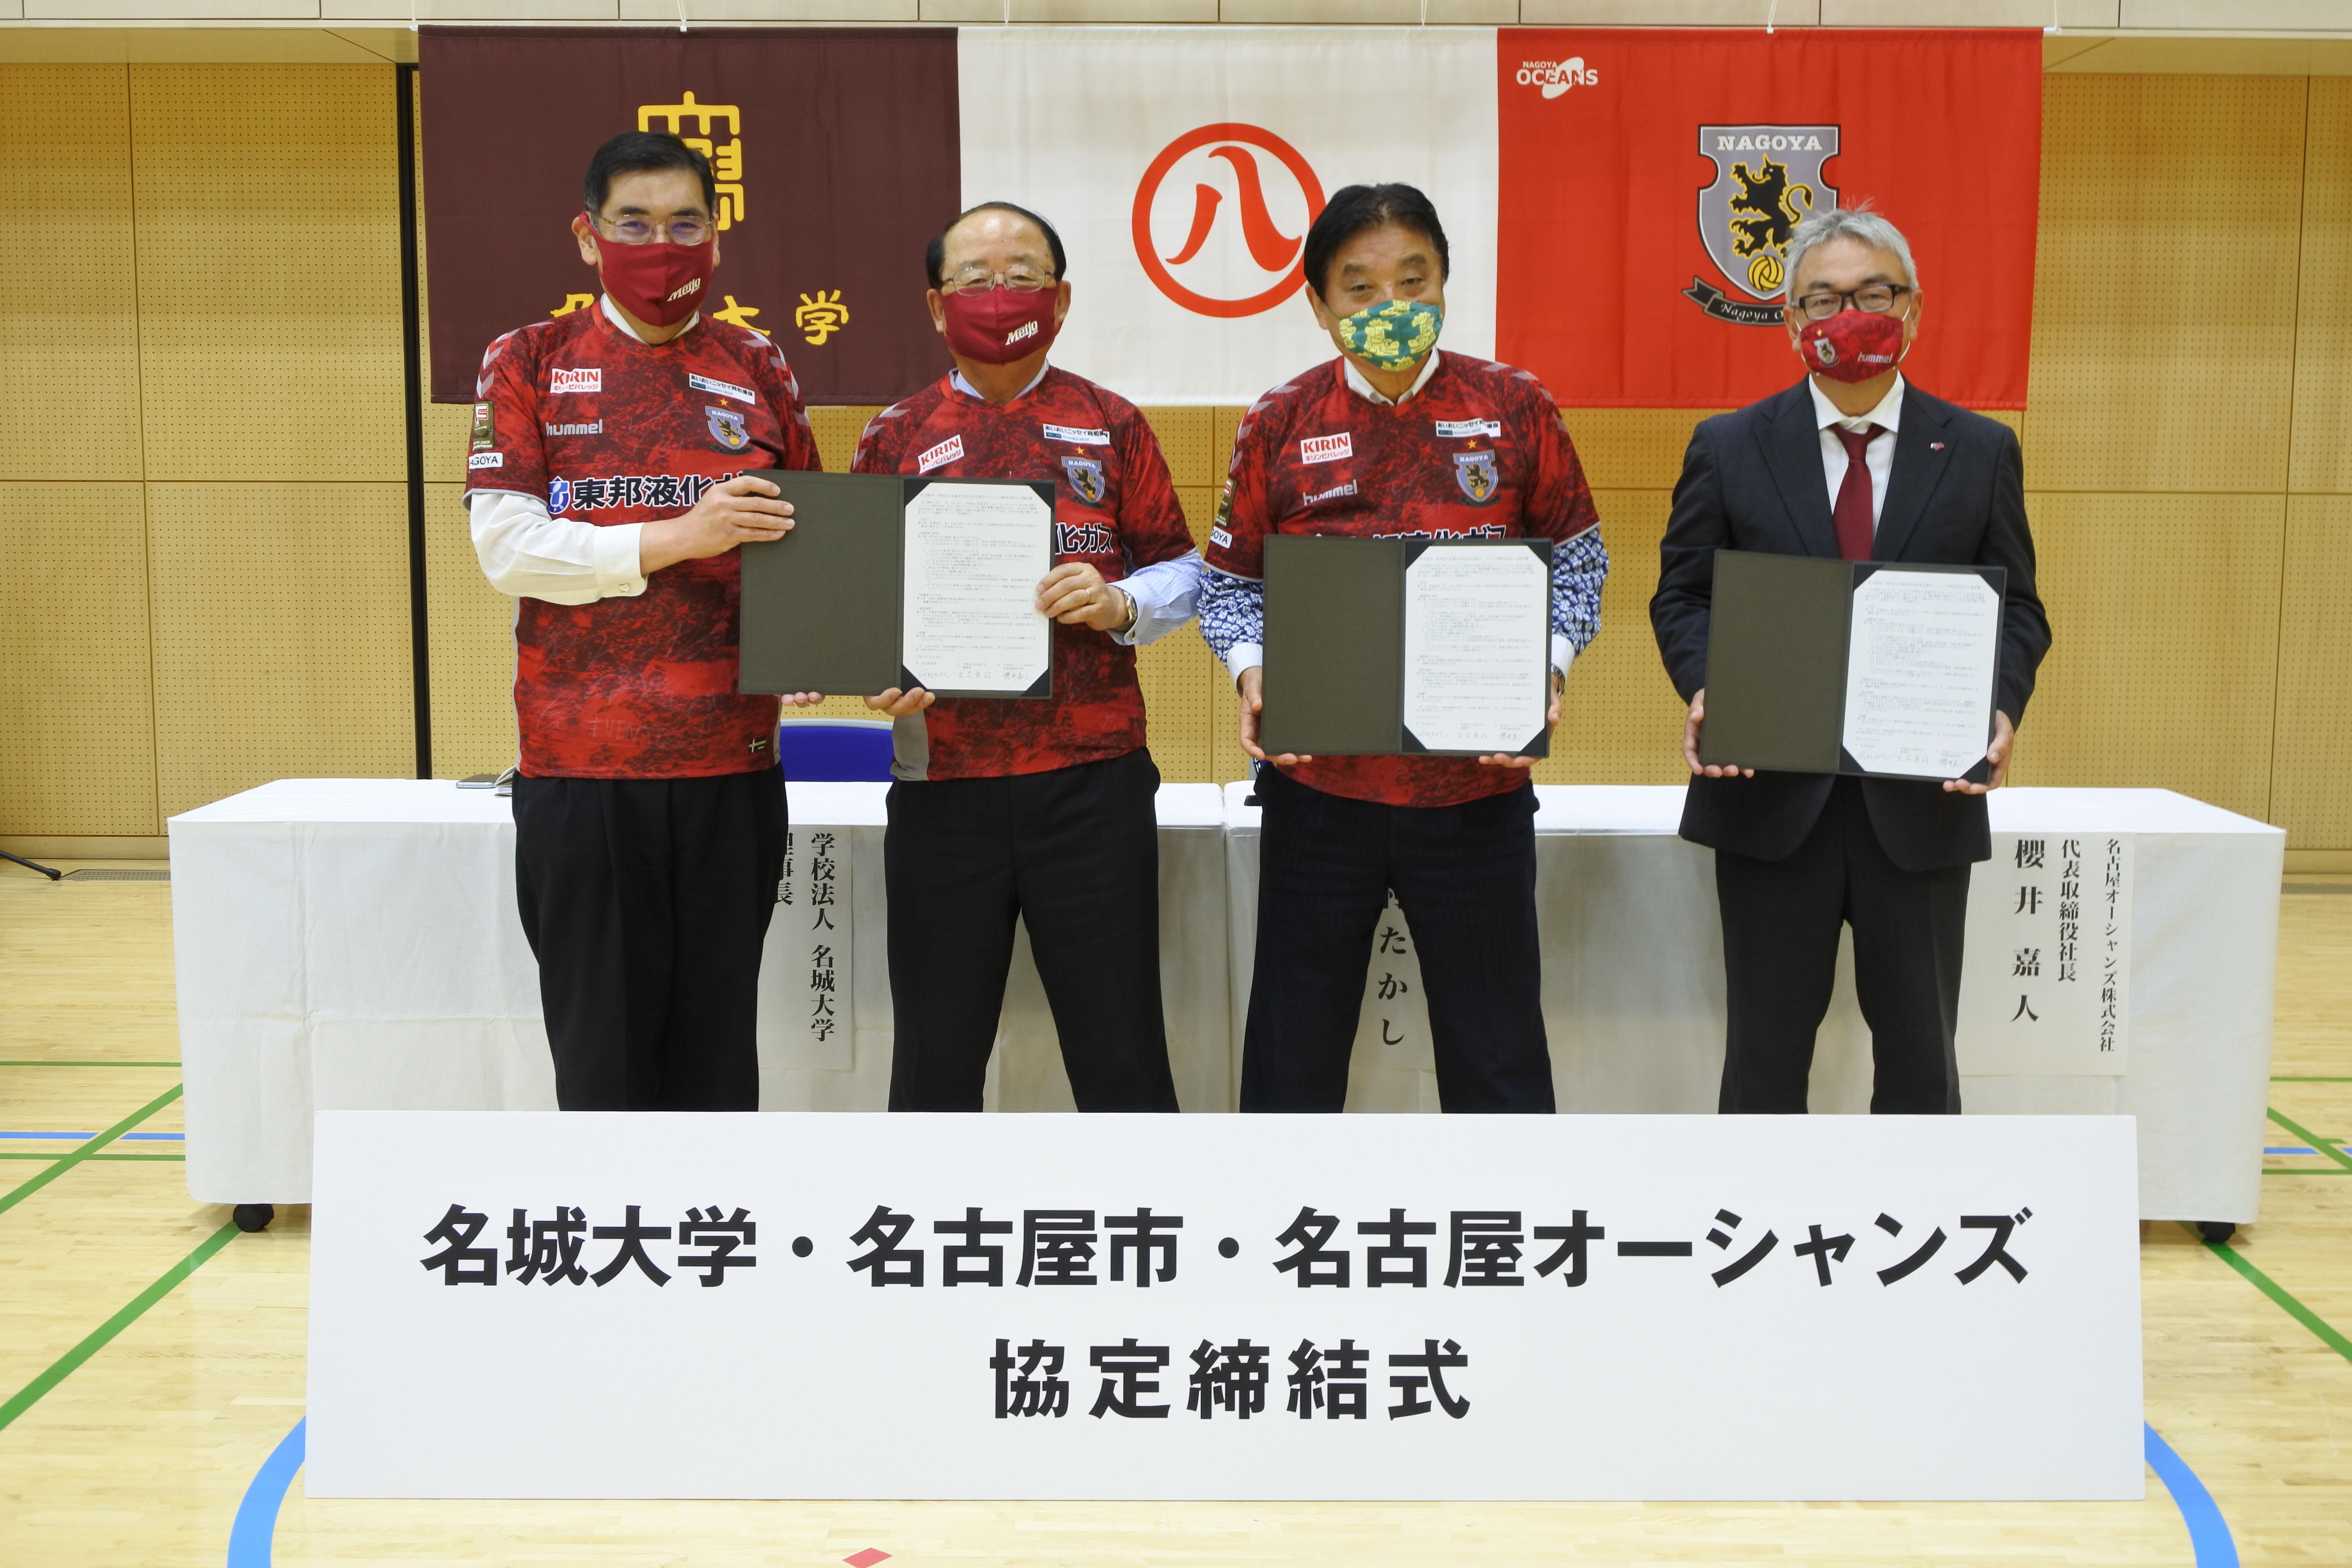 学校法人名城大学、名古屋市、名古屋オーシャンズがスポーツを通じた地域活性化で協定締結